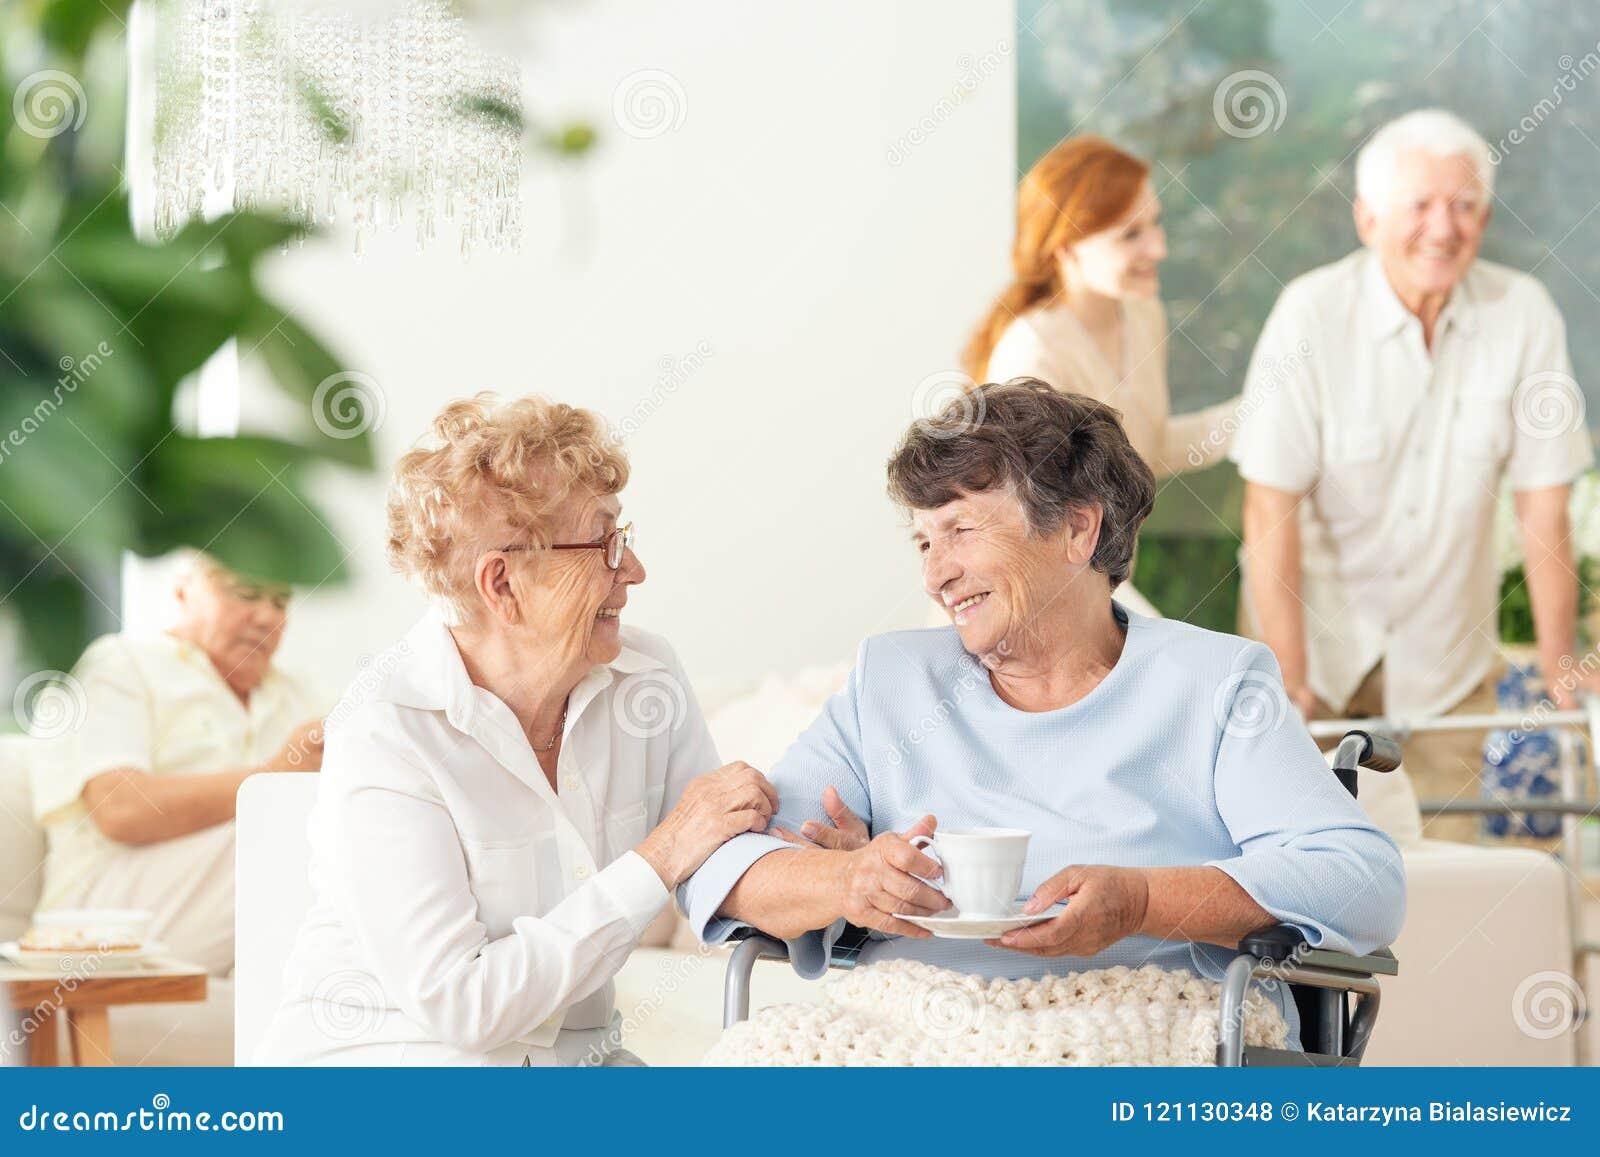 Vorderansicht von zwei glücklichen geriatrischen Frauen, die Hand sprechen und halten